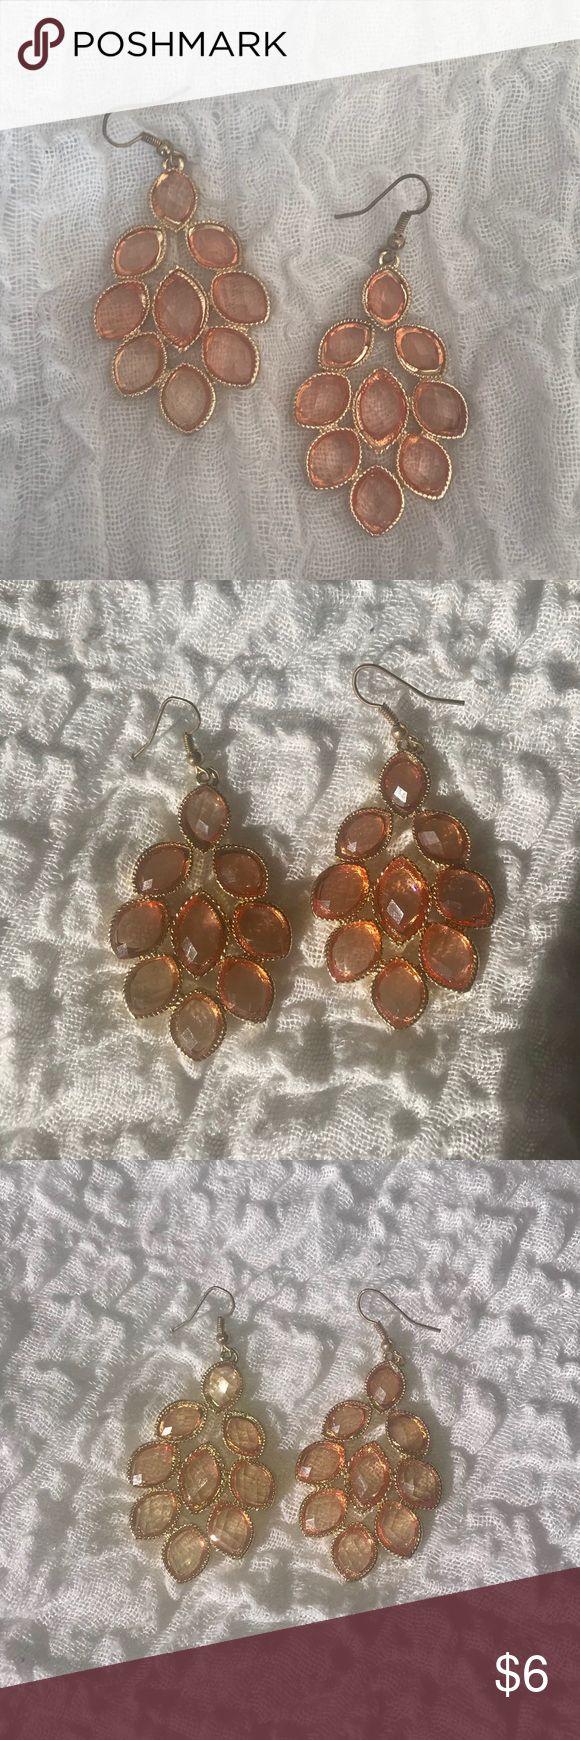 Light Orange Chandelier Earrings Only worn a few times! Comes from a smoke free home! Jewelry Earrings